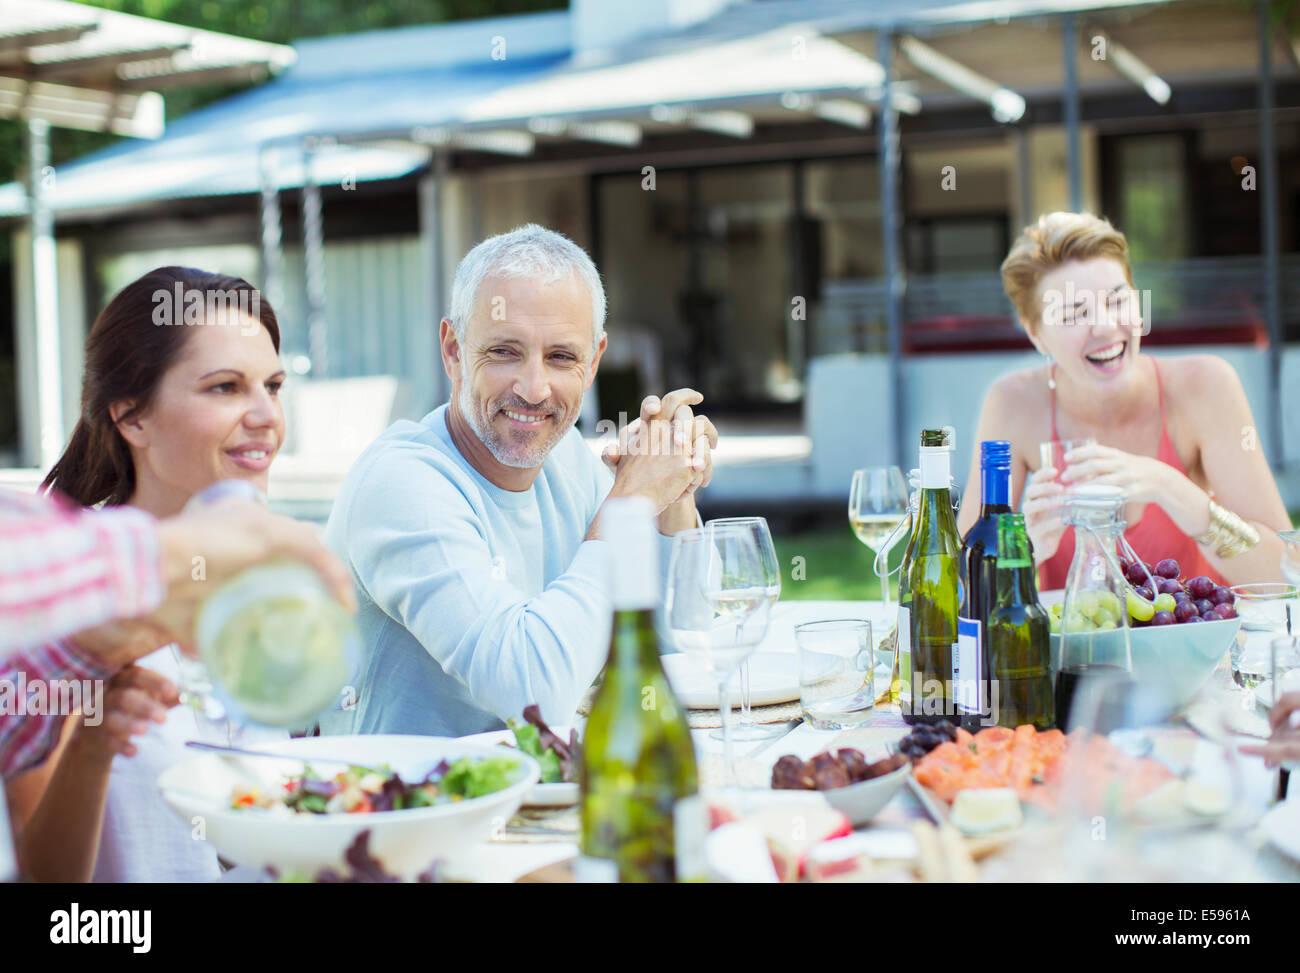 Les amis manger ensemble à l'extérieur Banque D'Images